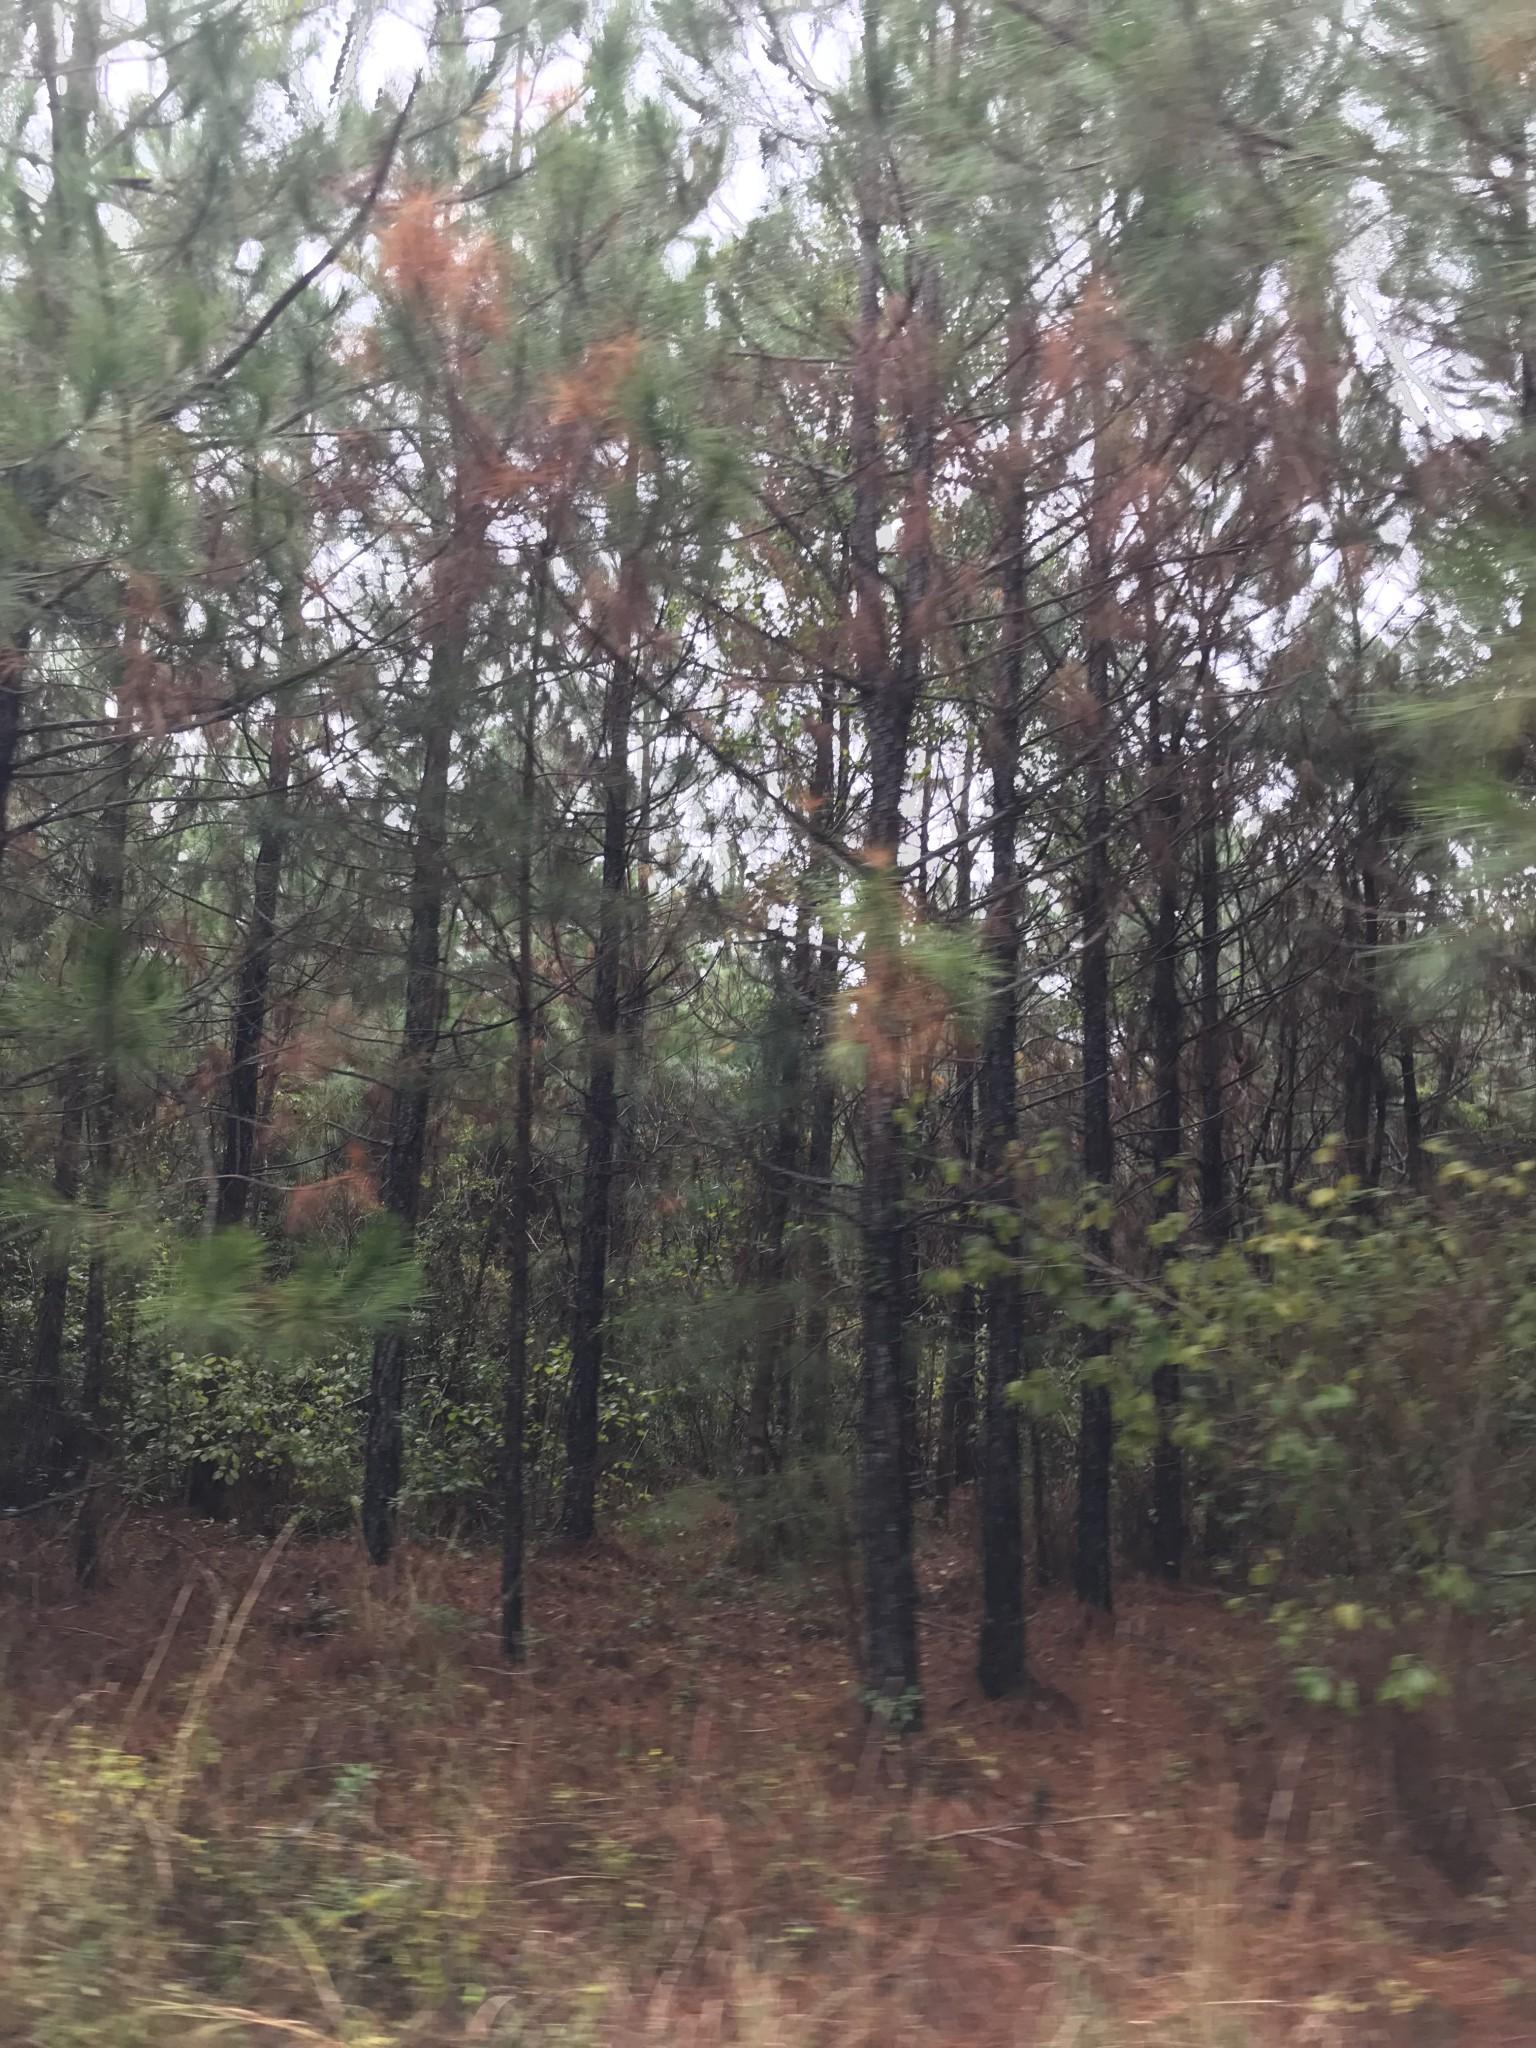 Bundick Lake Tract, Beauregard Parish, 50 Acres +/- Waterfront Pine Plantation